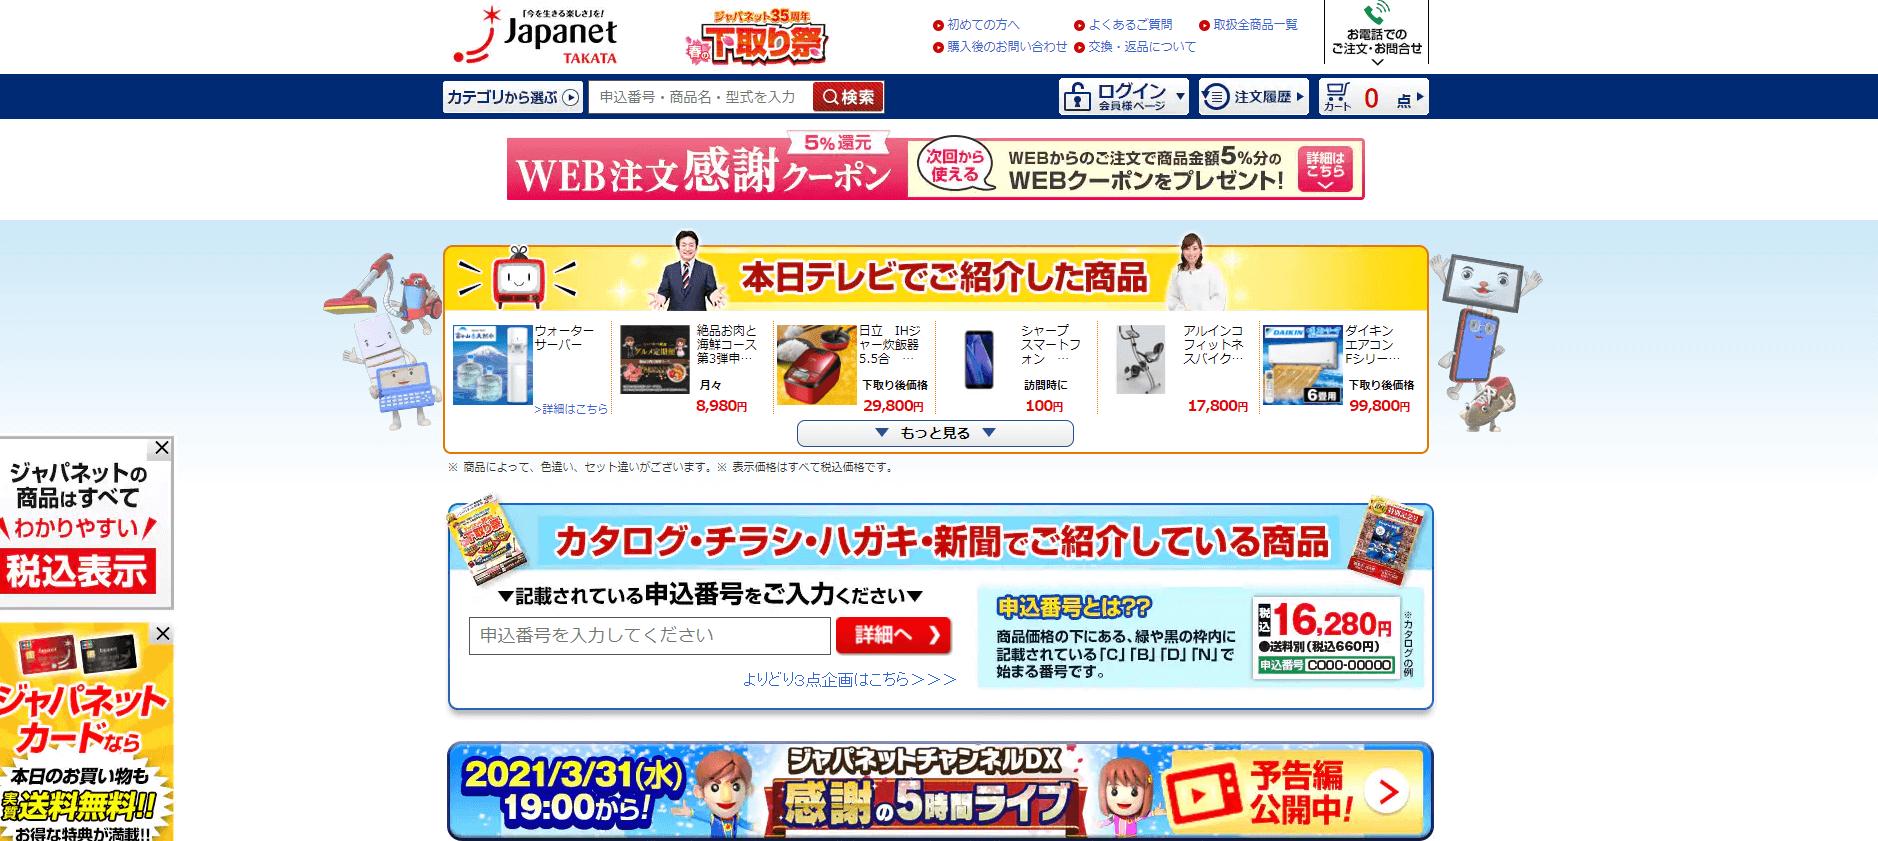 ジャパネットたかた公式サイト画像